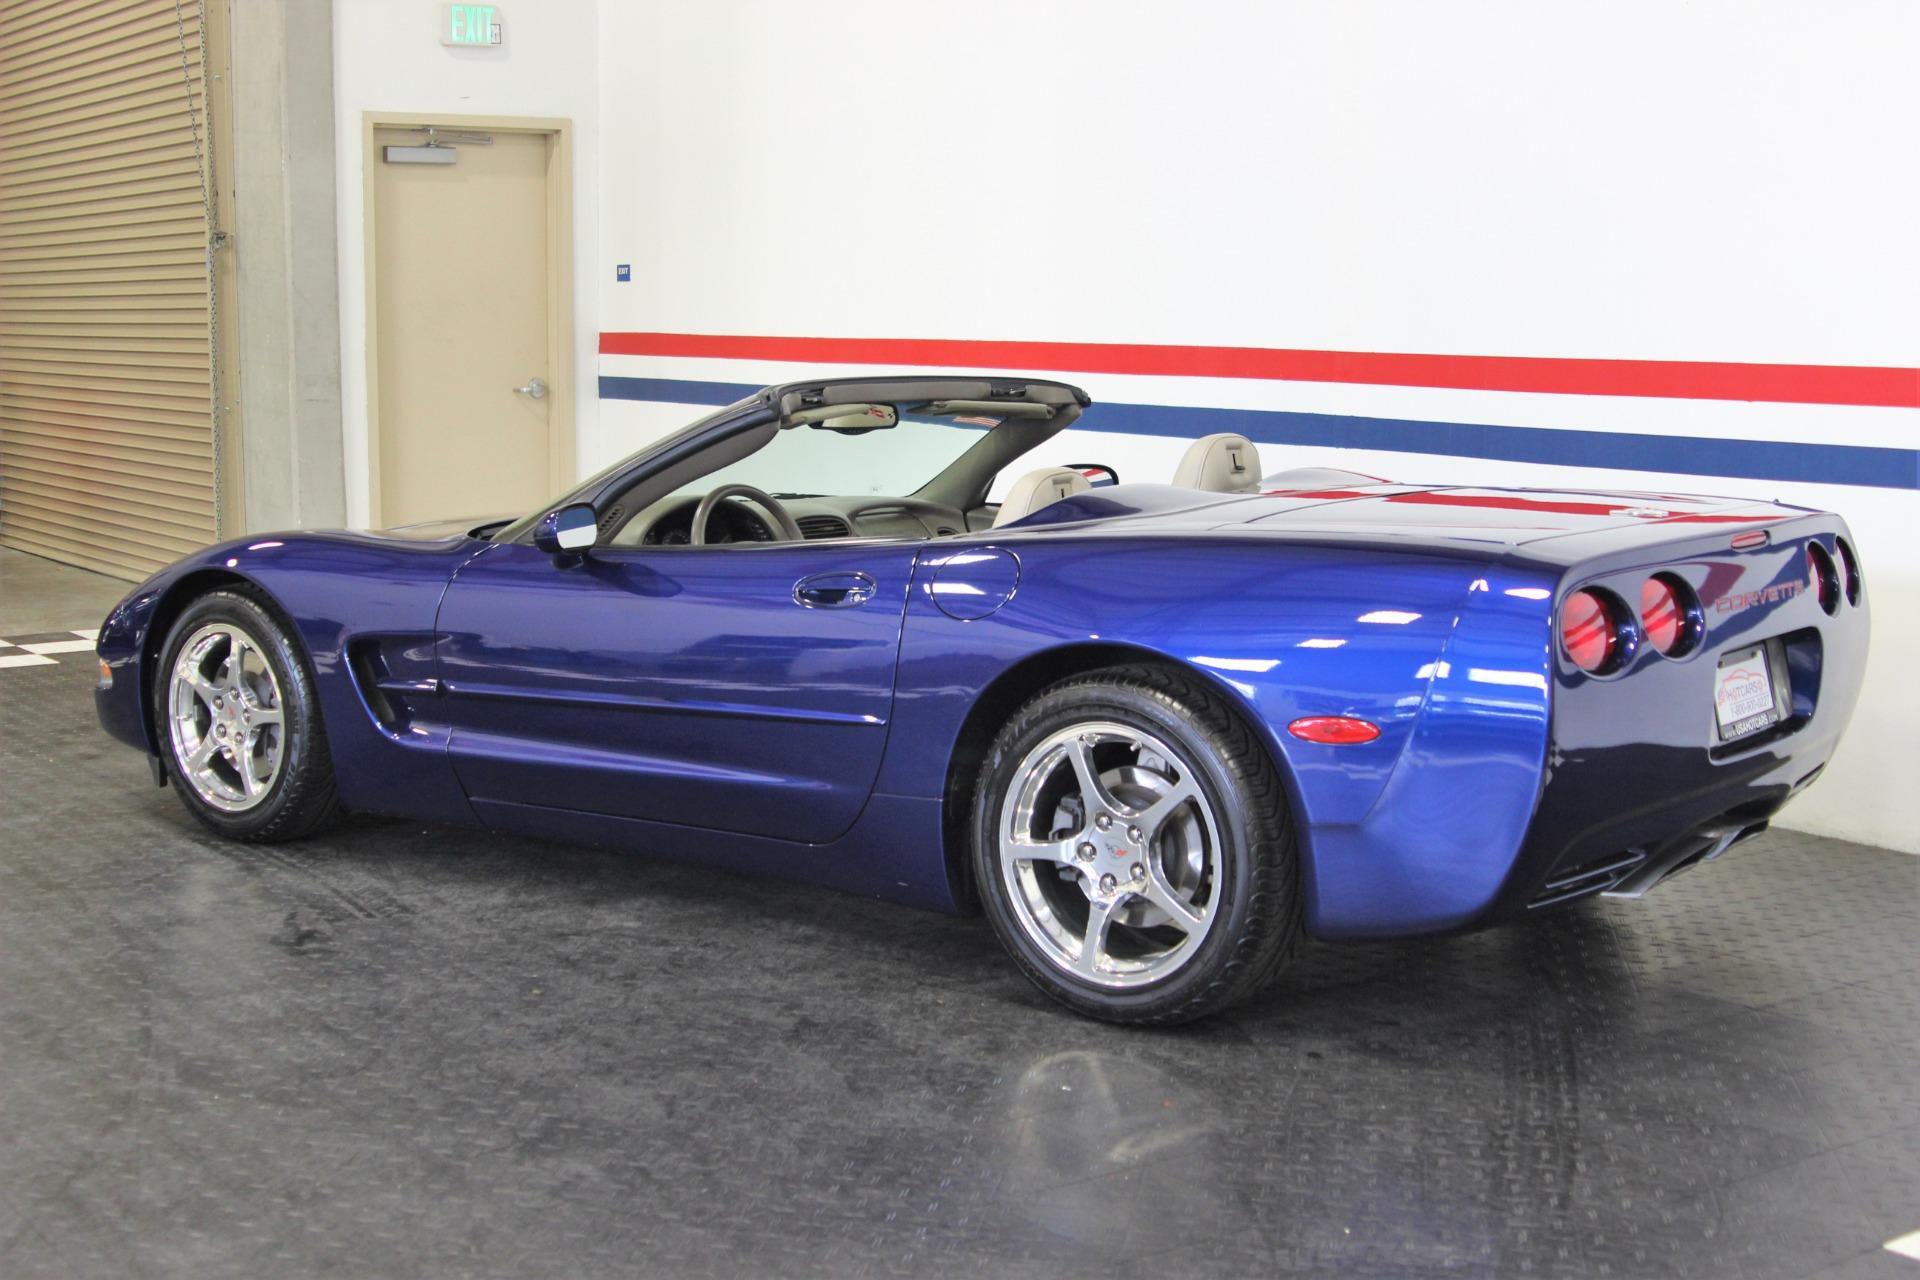 Used-2004-Chevrolet-Corvette-Commemorative-Edition